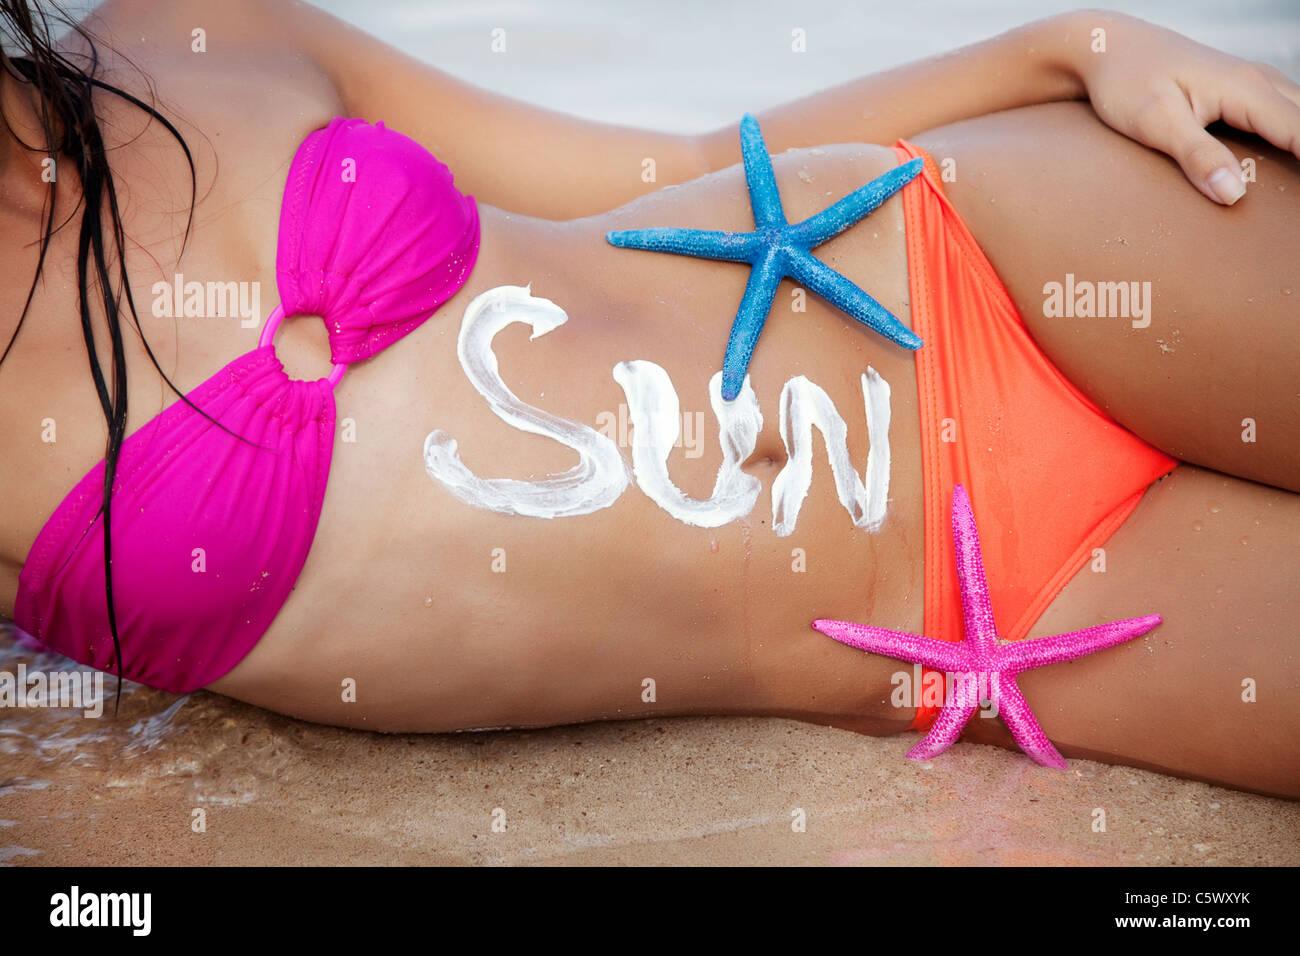 """Partie de femme de soleil, le mot """"soleil"""" est écrit avec un écran solaire Photo Stock"""